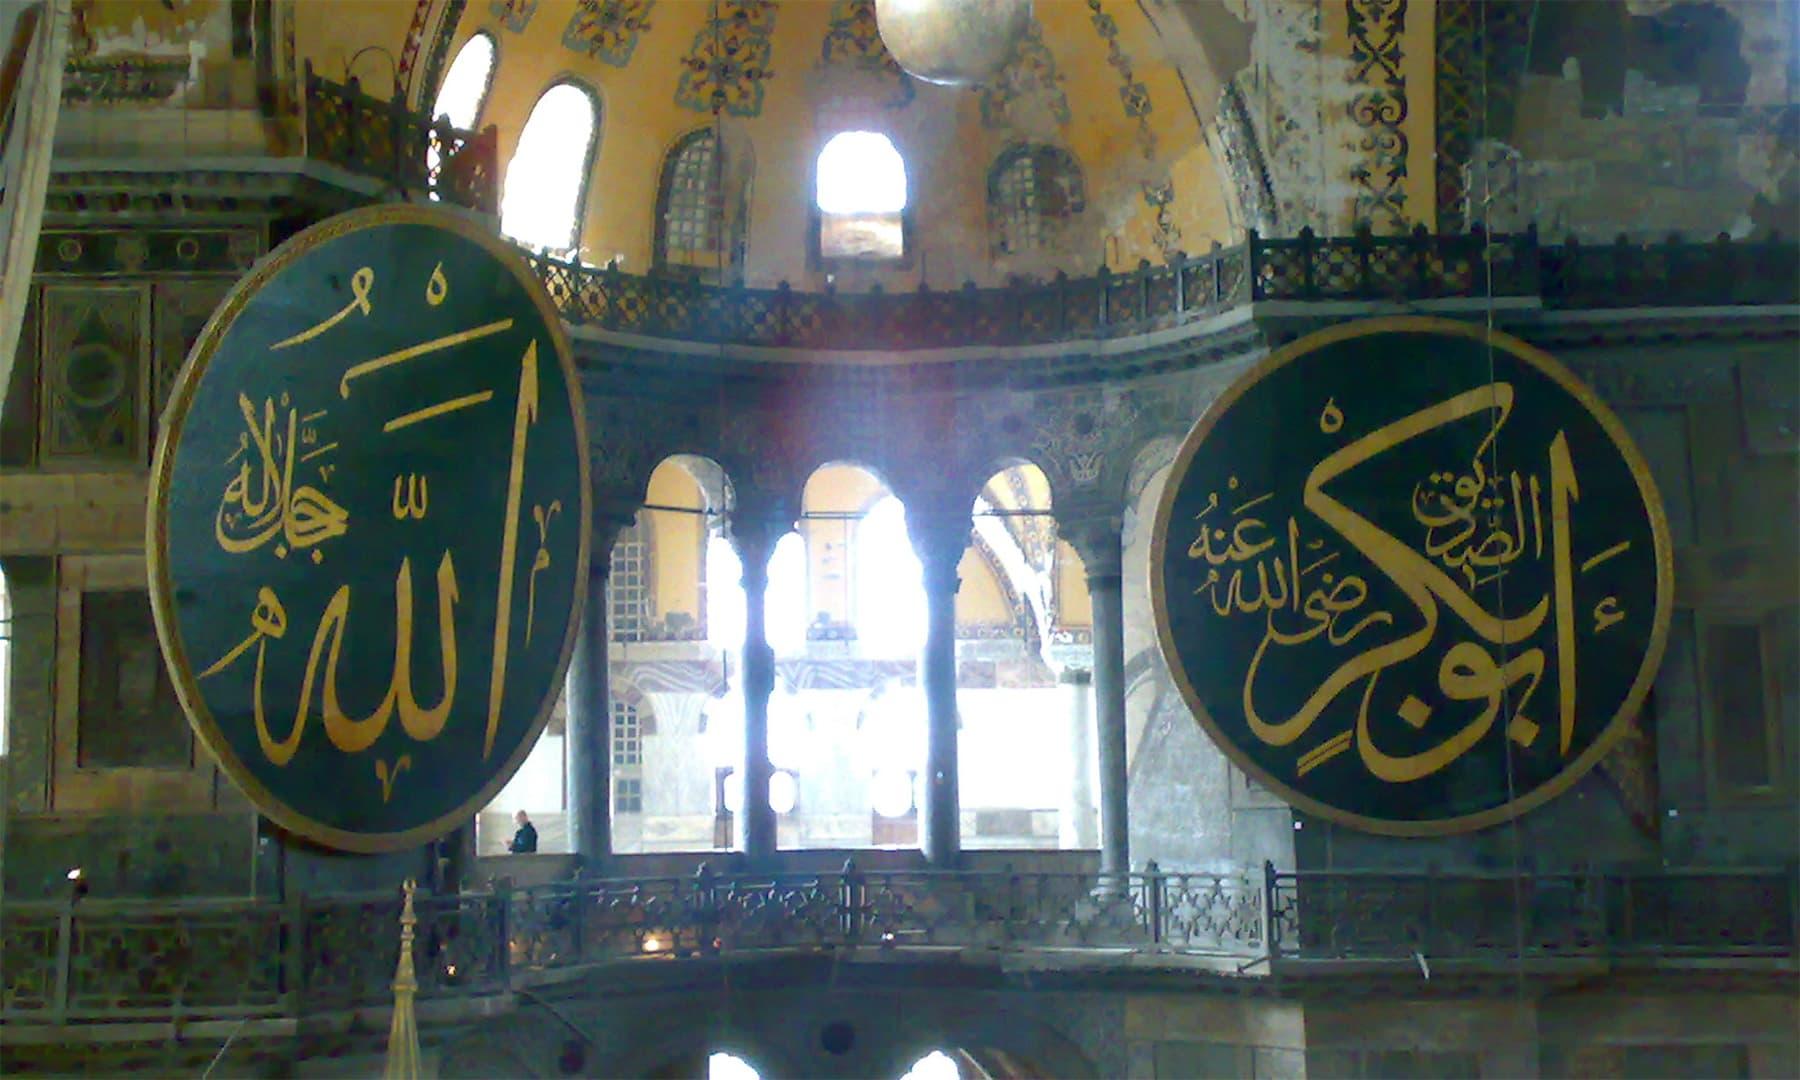 آیا صوفیہ دنیا بھر کے سیاحوں خصوصاً مسلمانوں اور عیسائیوں دونوں کے لیے ایک خاص کشش رکھتا ہے